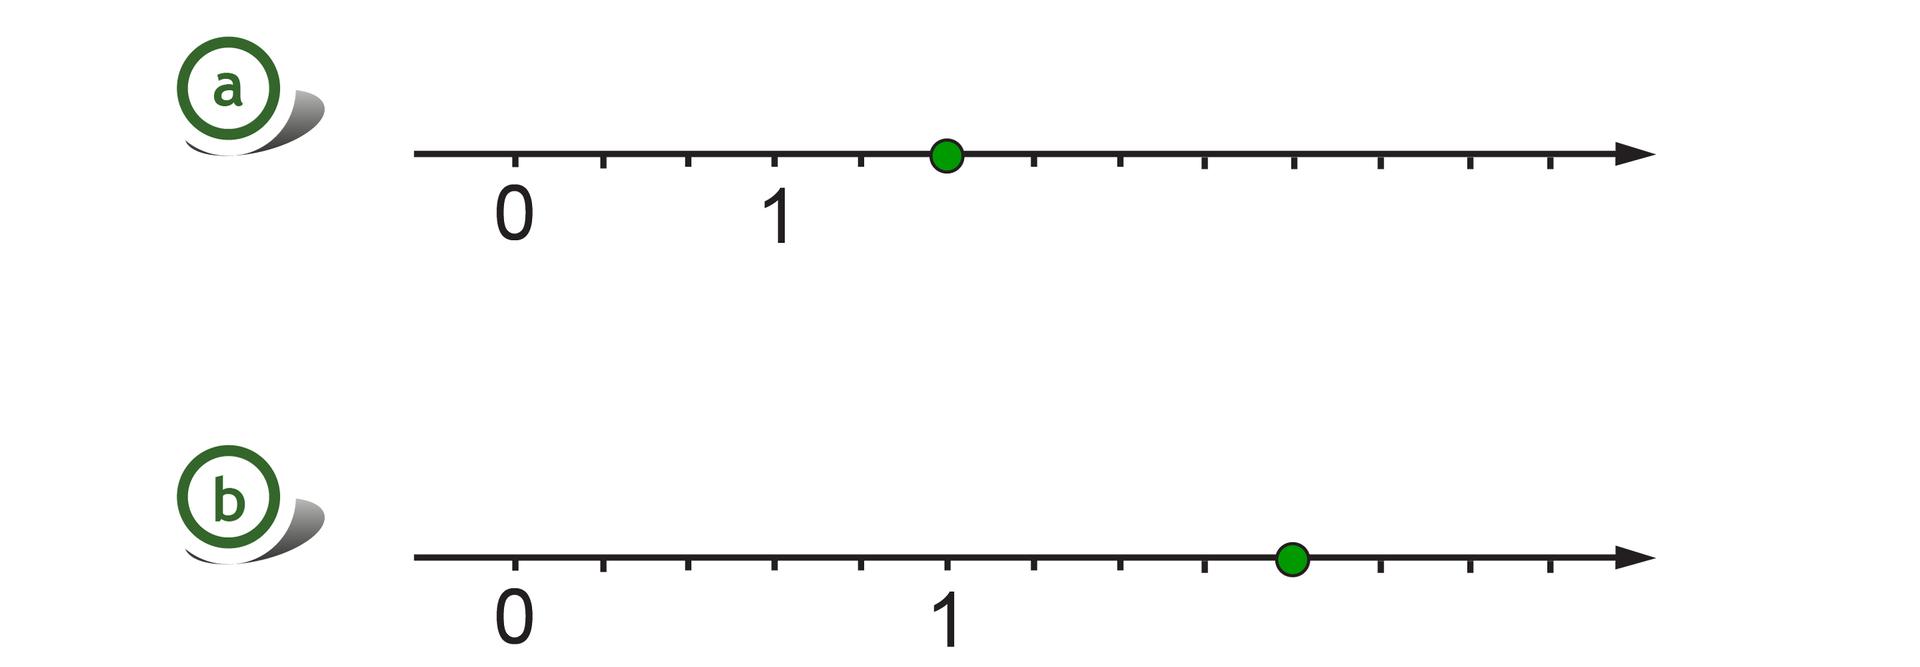 Rysunek dwóch osi liczbowych zzaznaczonymi punktami 0 i1. Na pierwszej osi odcinek jednostkowy podzielony na 3 równe części, szukany punkt wyznacza dwie części za punktem 1. Na drugiej osi odcinek jednostkowy podzielony na 5 równych części, szukany punkt wyznacza cztery części za punktem 1.